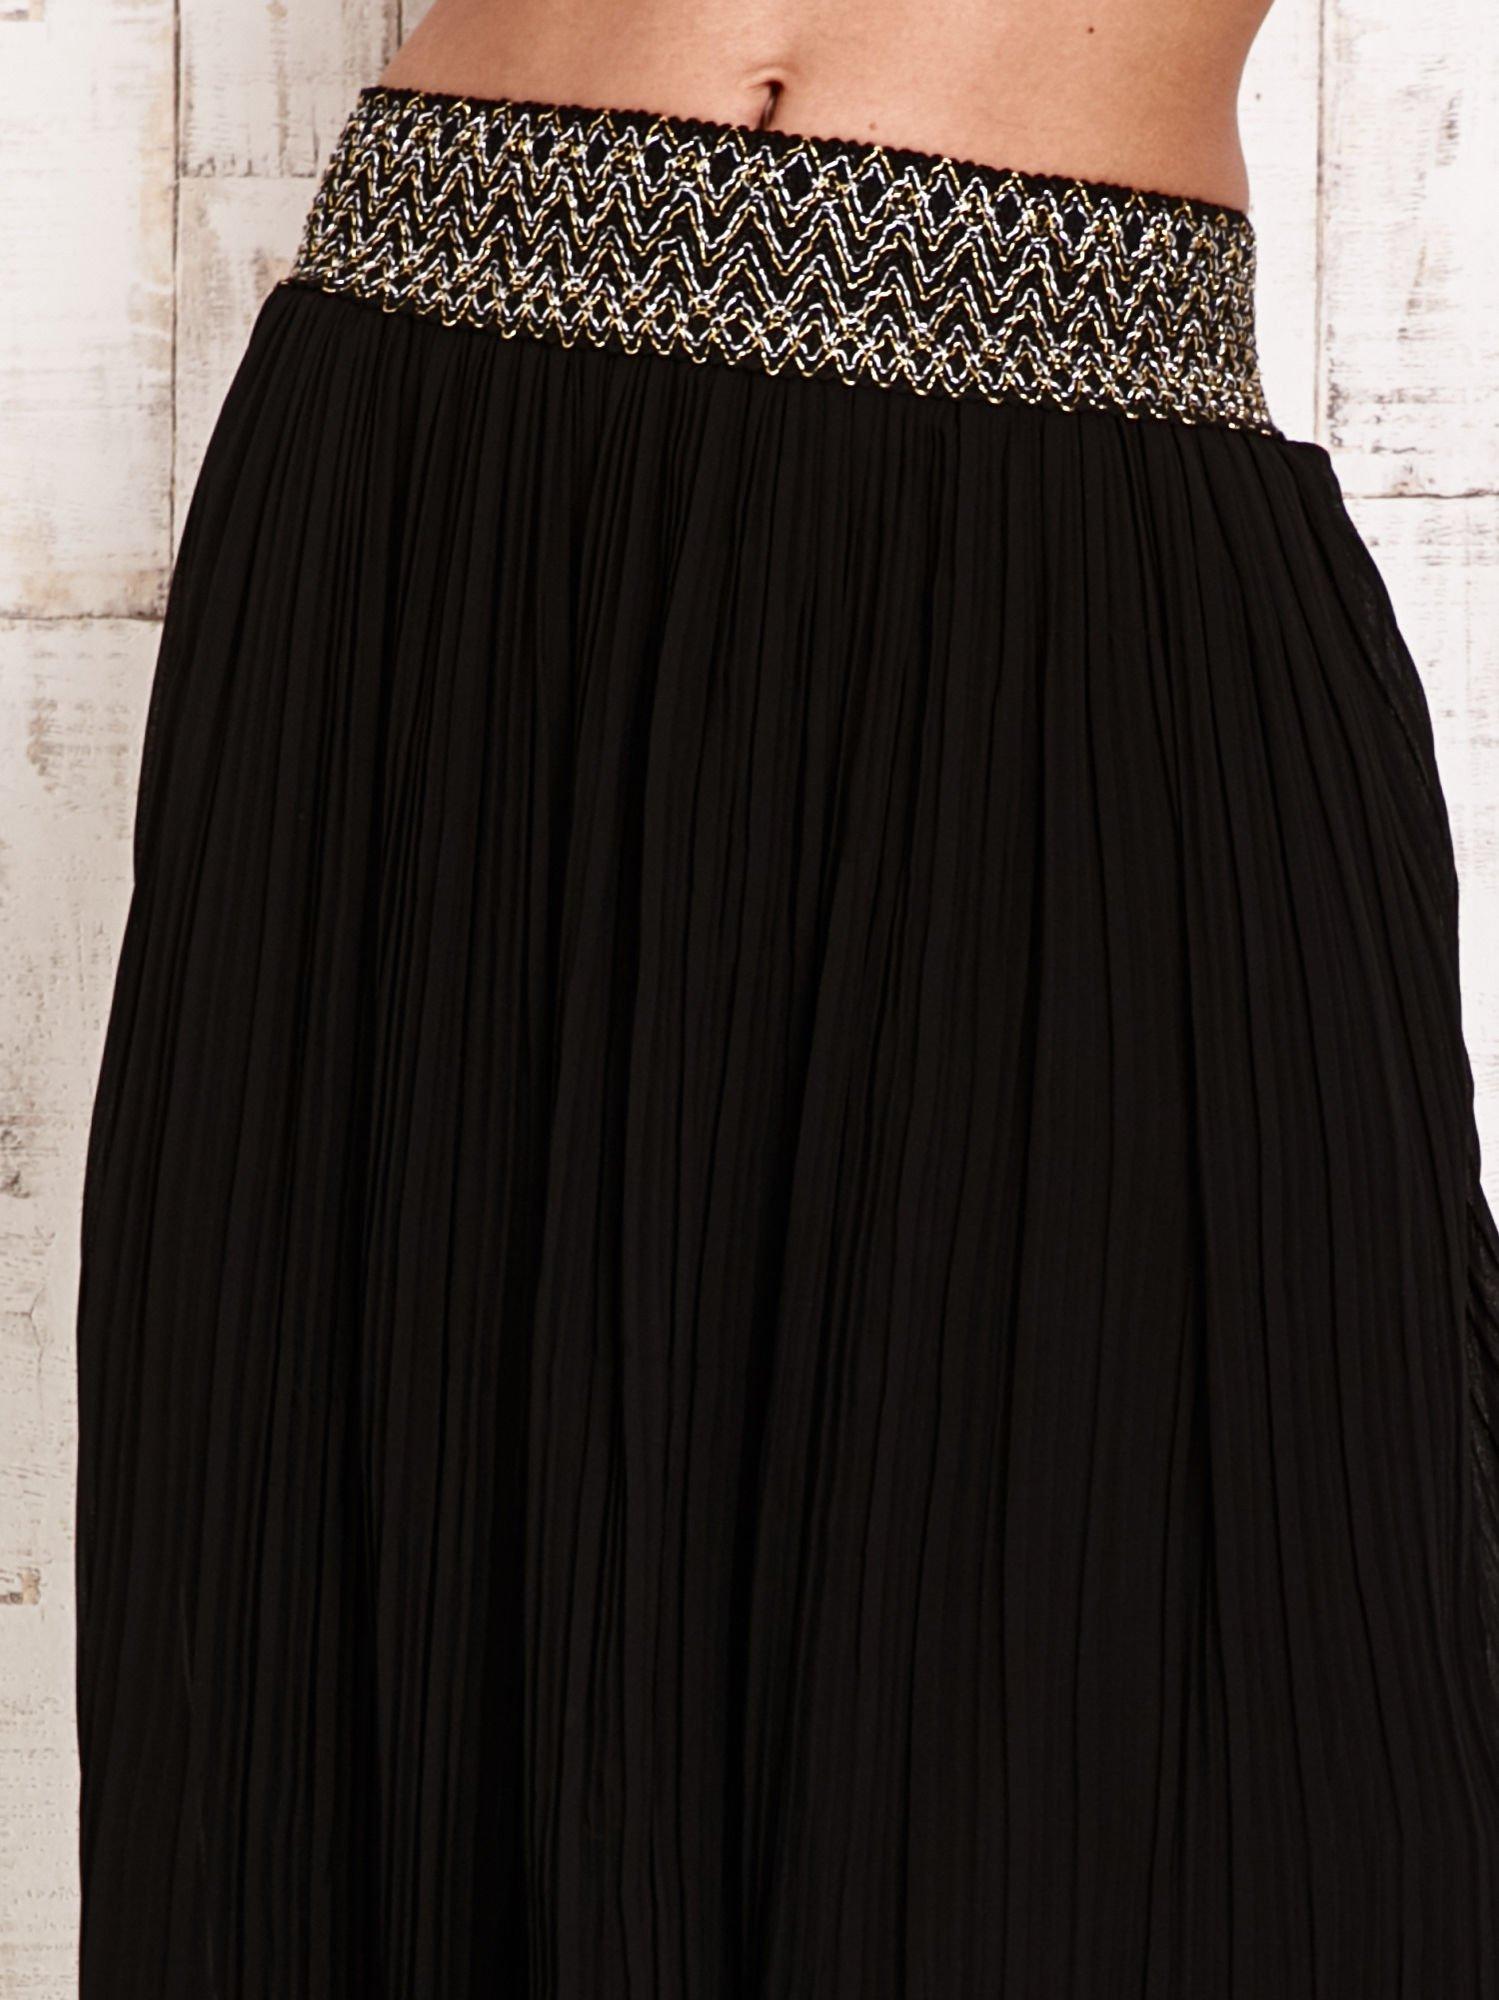 Czarna plisowana spódnica maxi z pasem przeszywanym metaliczną nicią                                  zdj.                                  4